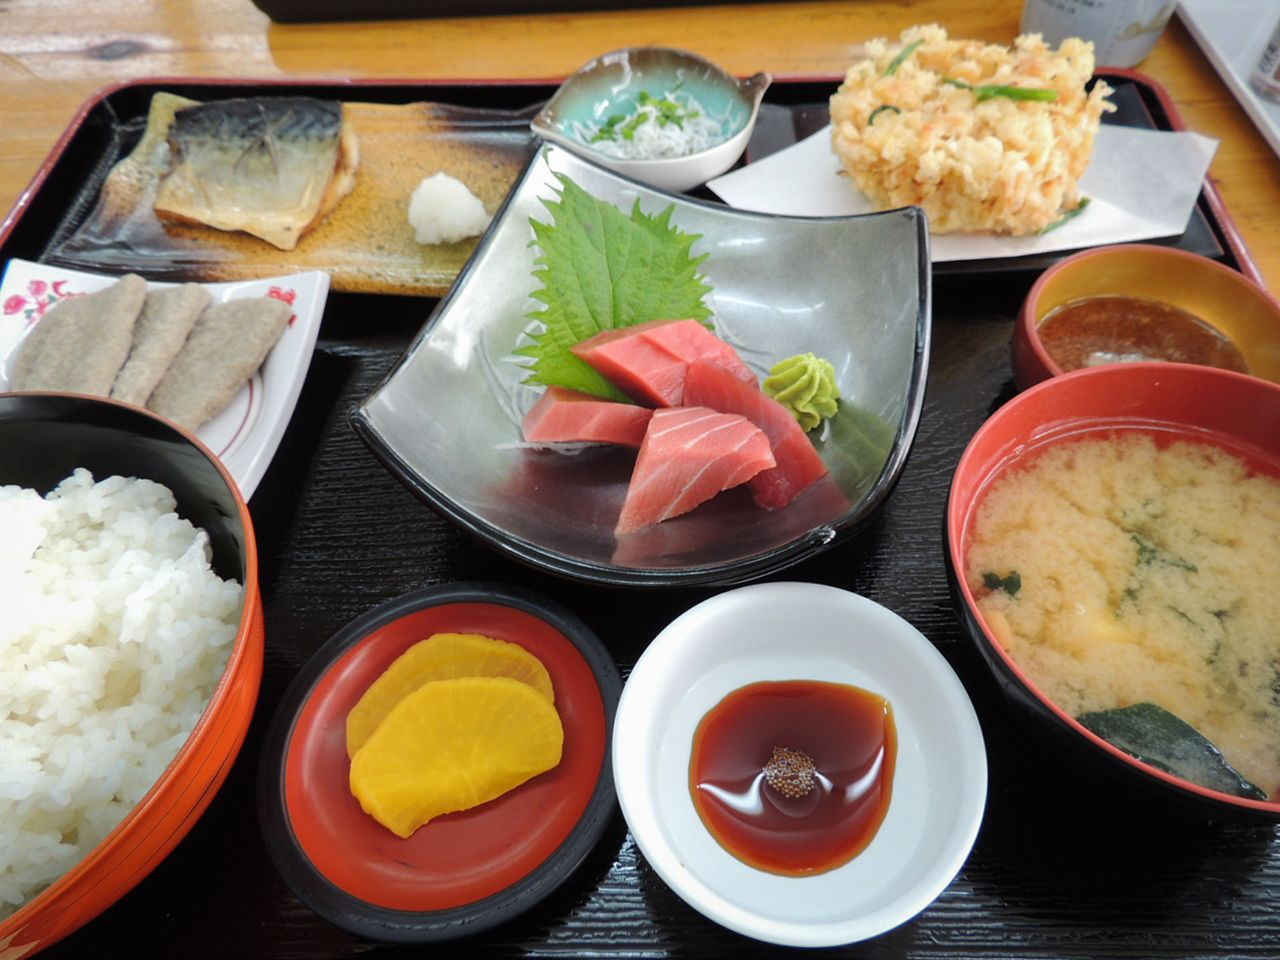 バラエティーに富んだ魚料理が味わえる駿河定食